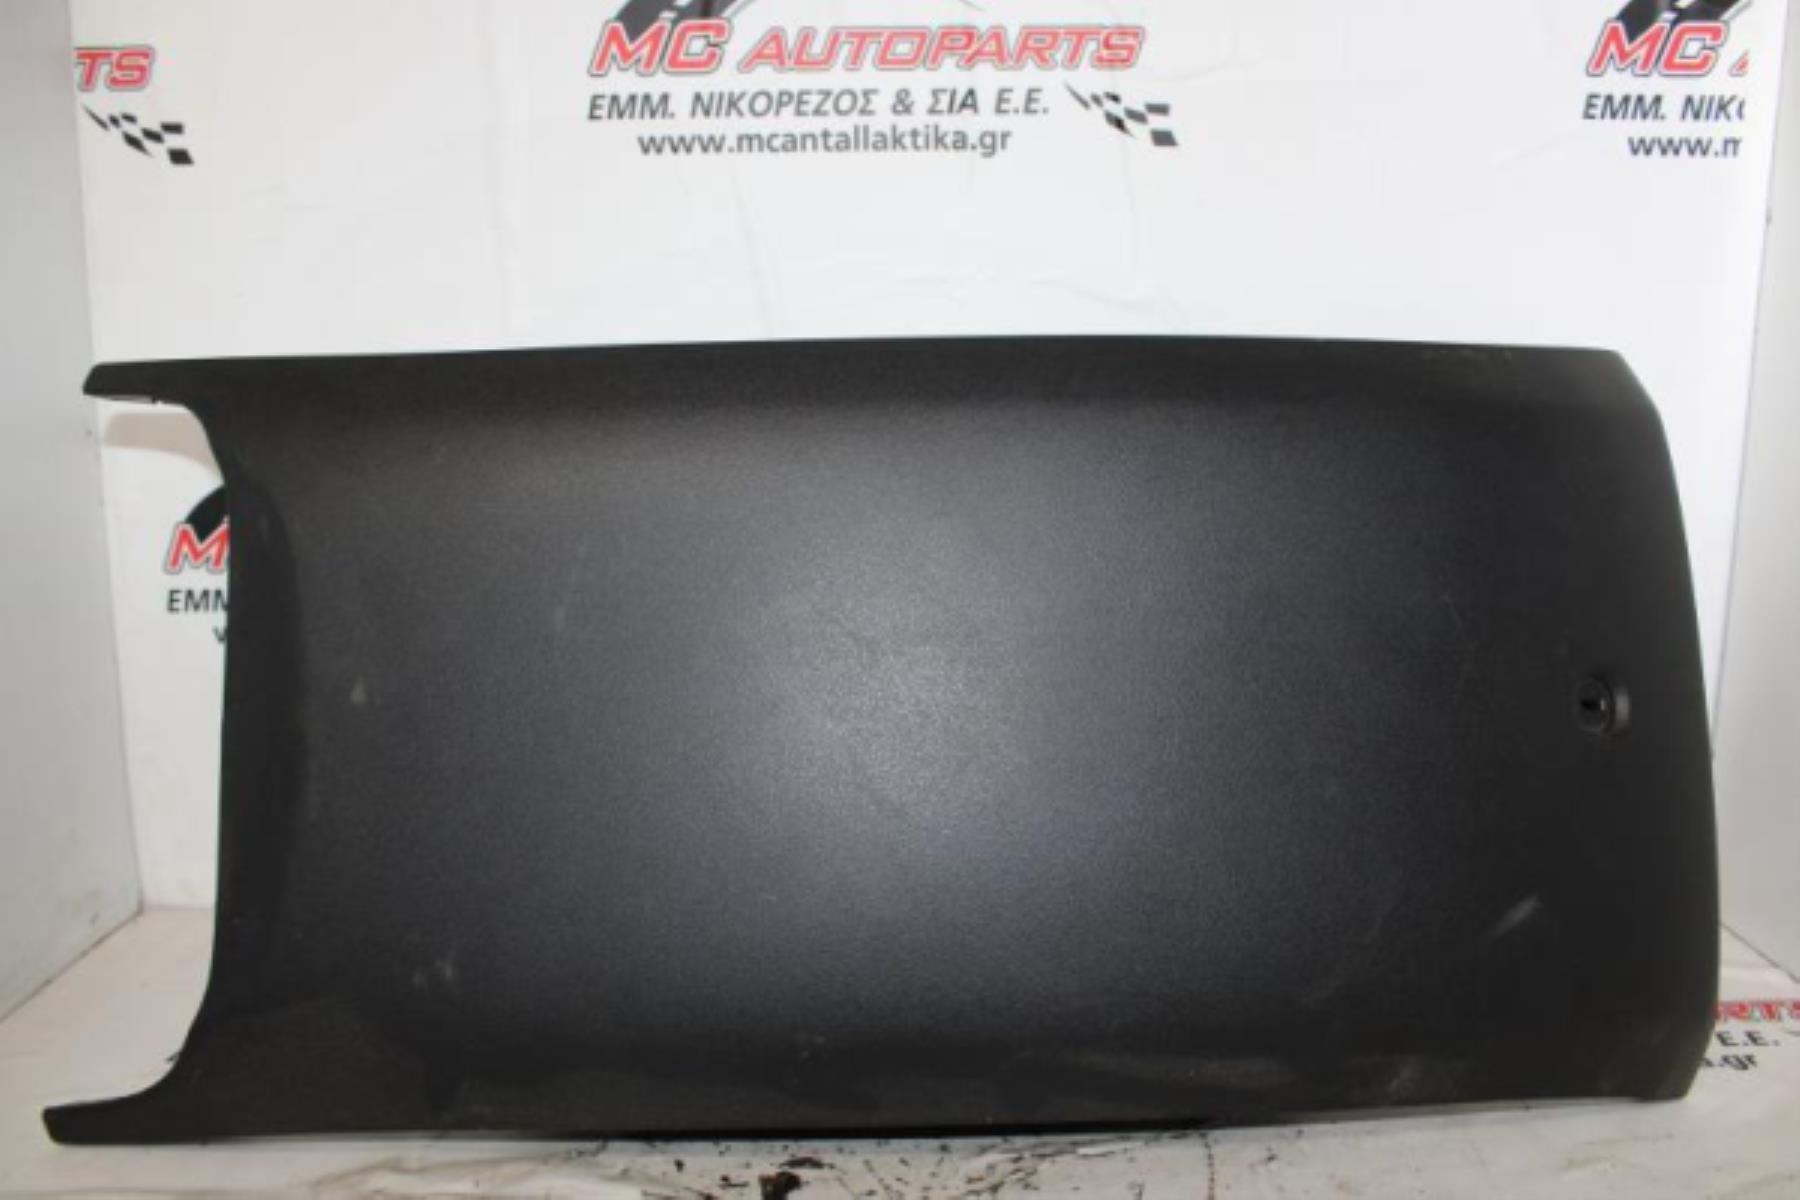 Εικόνα από Ντουλαπάκι  MAZDA RX-8 (2003-2012)     πίσω καθίσματα